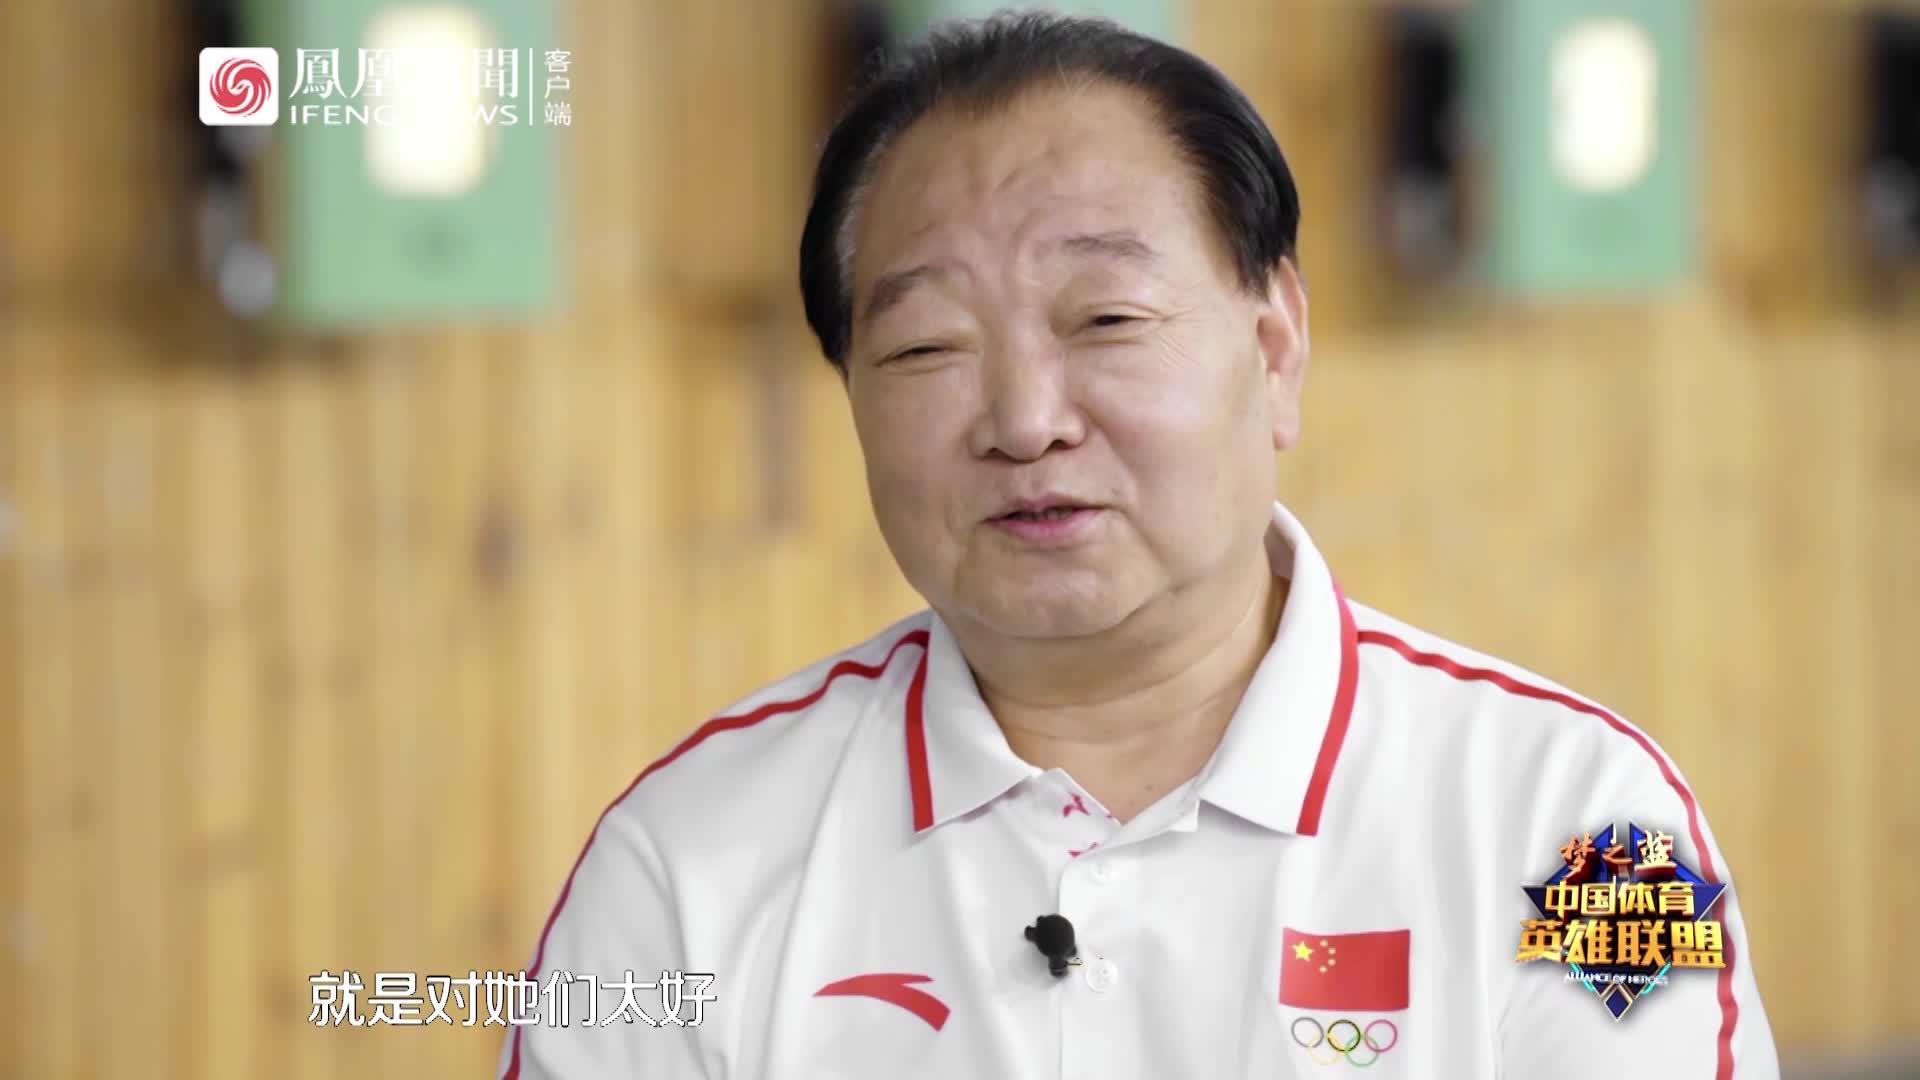 金牌枪手许海峰揭秘:当女队教练最累,女孩们都想让我对她好一点